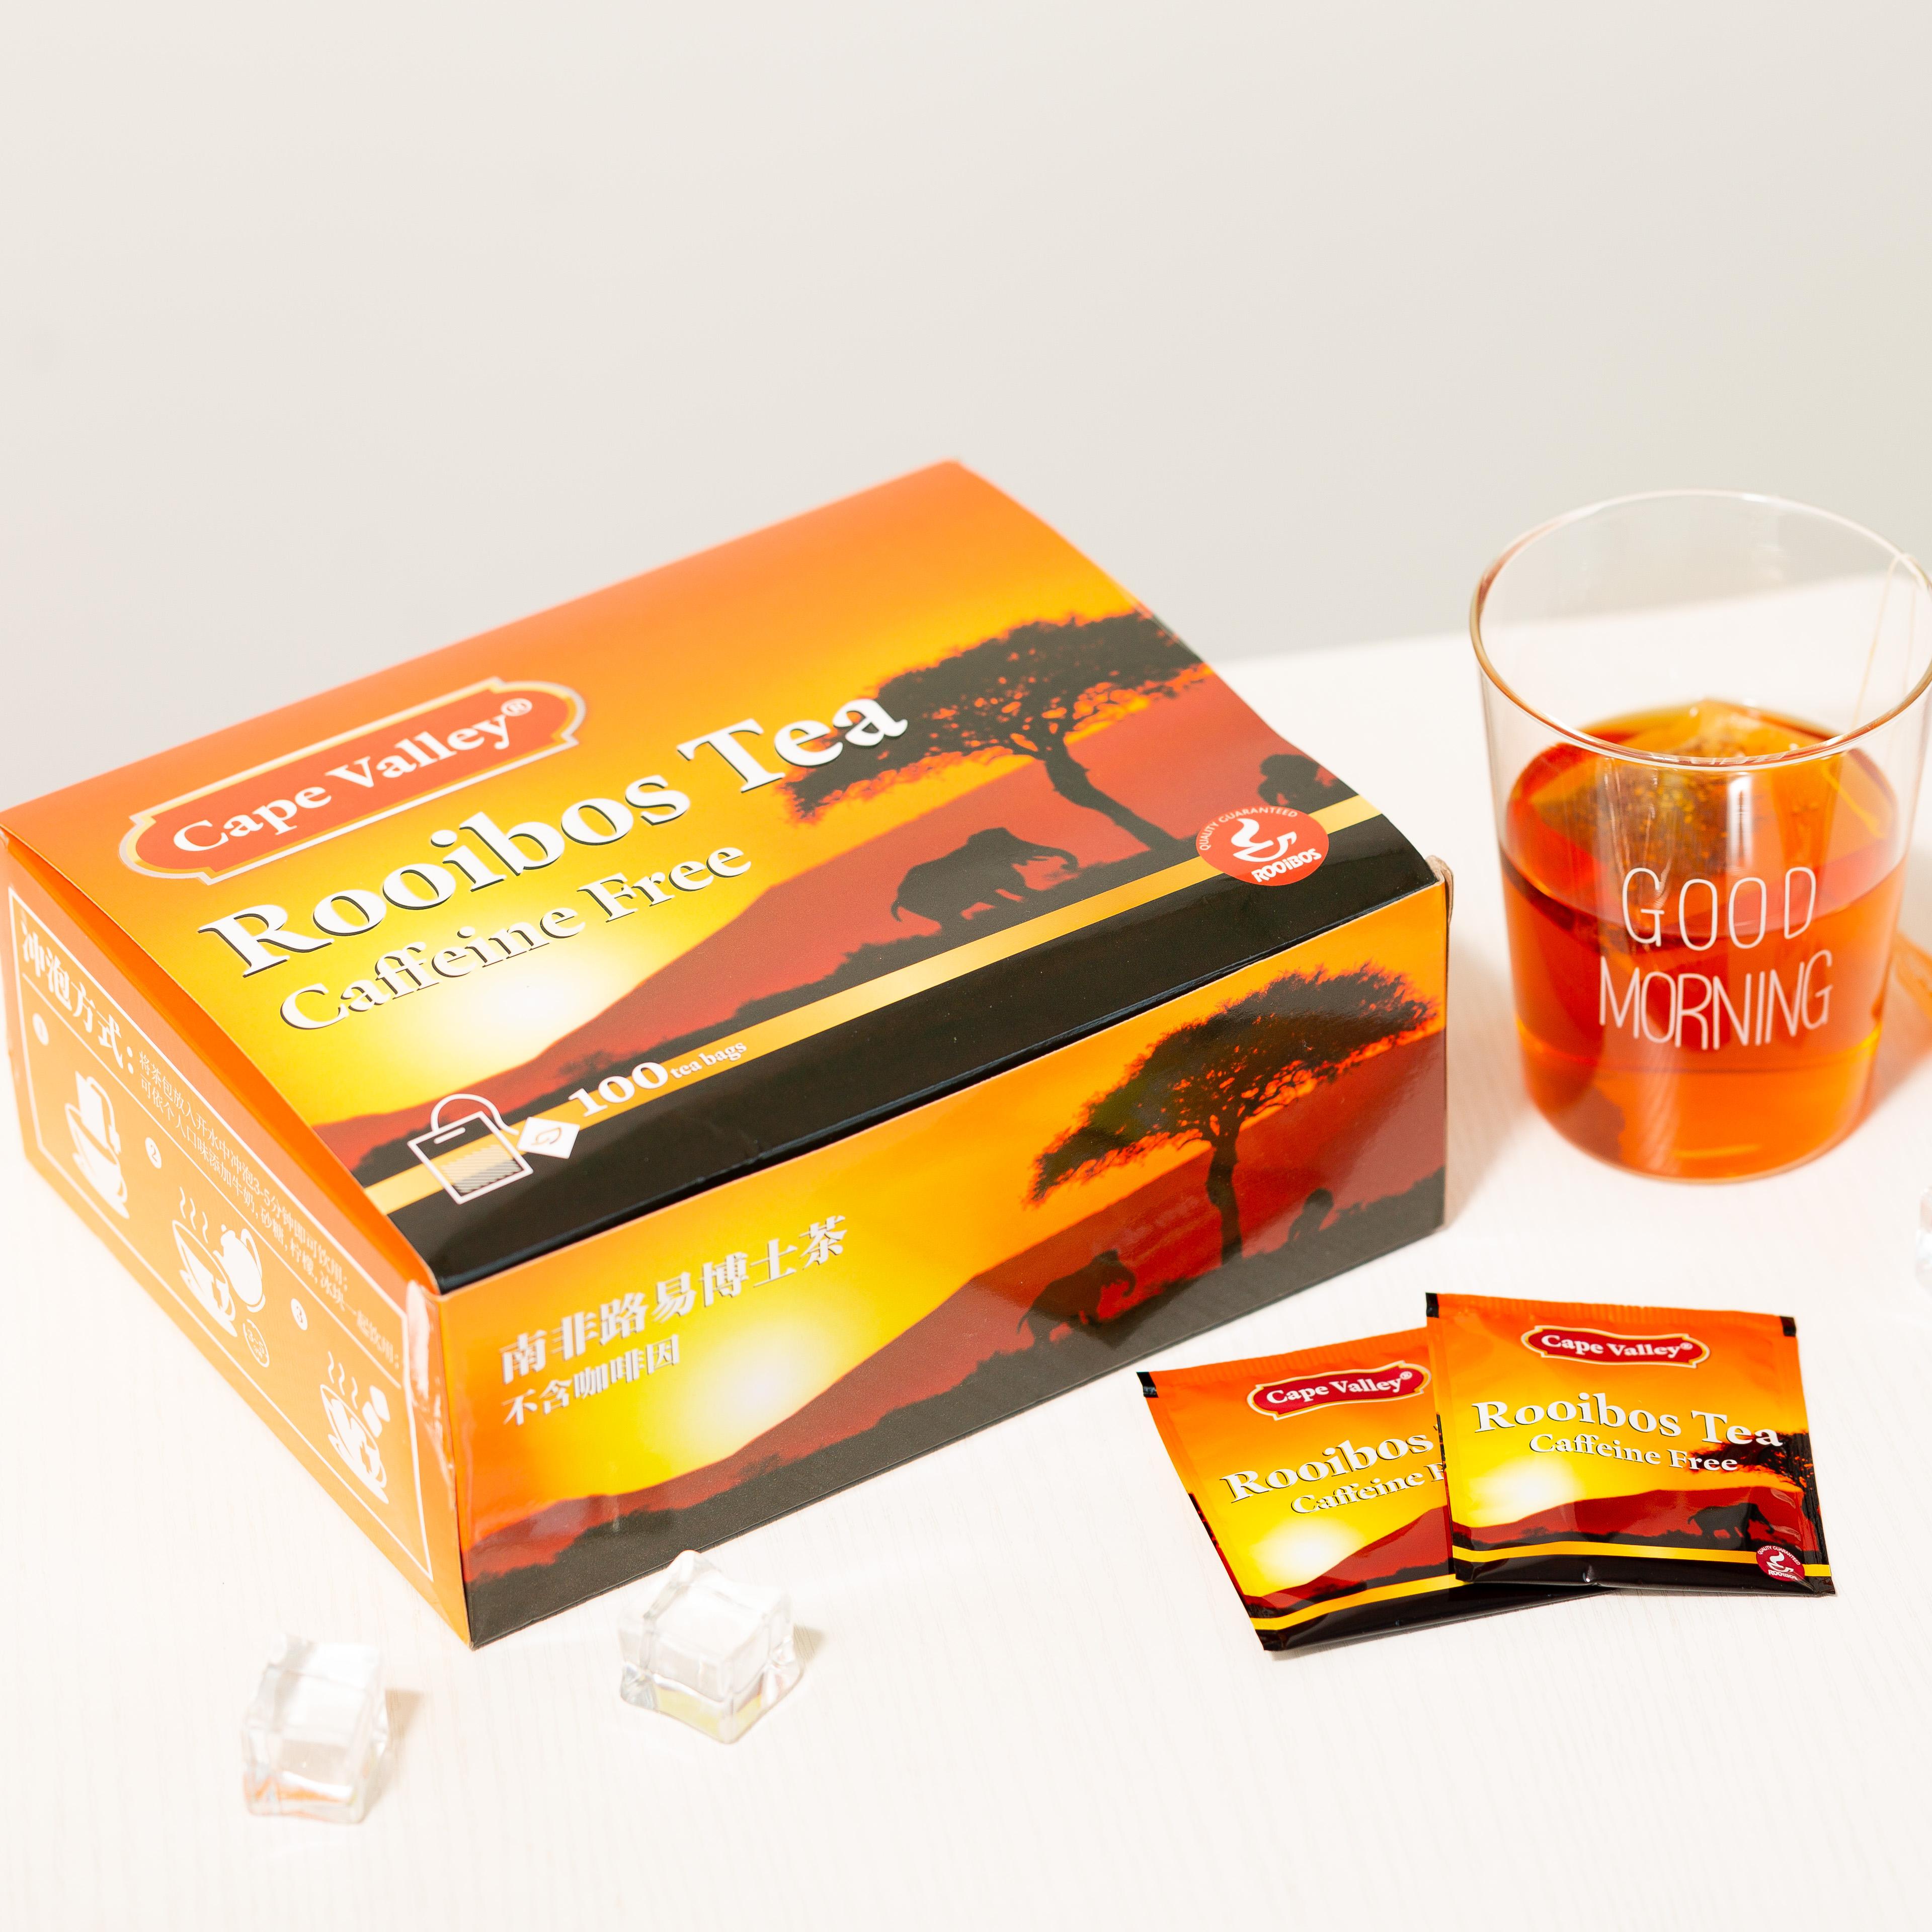 「可以喝的神仙水」开普山谷南非博士茶 Rooibos路易波士国宝红茶无咖啡因 美容养颜  0卡路里 无糖分  孕妇可喝100袋/盒 商品图0